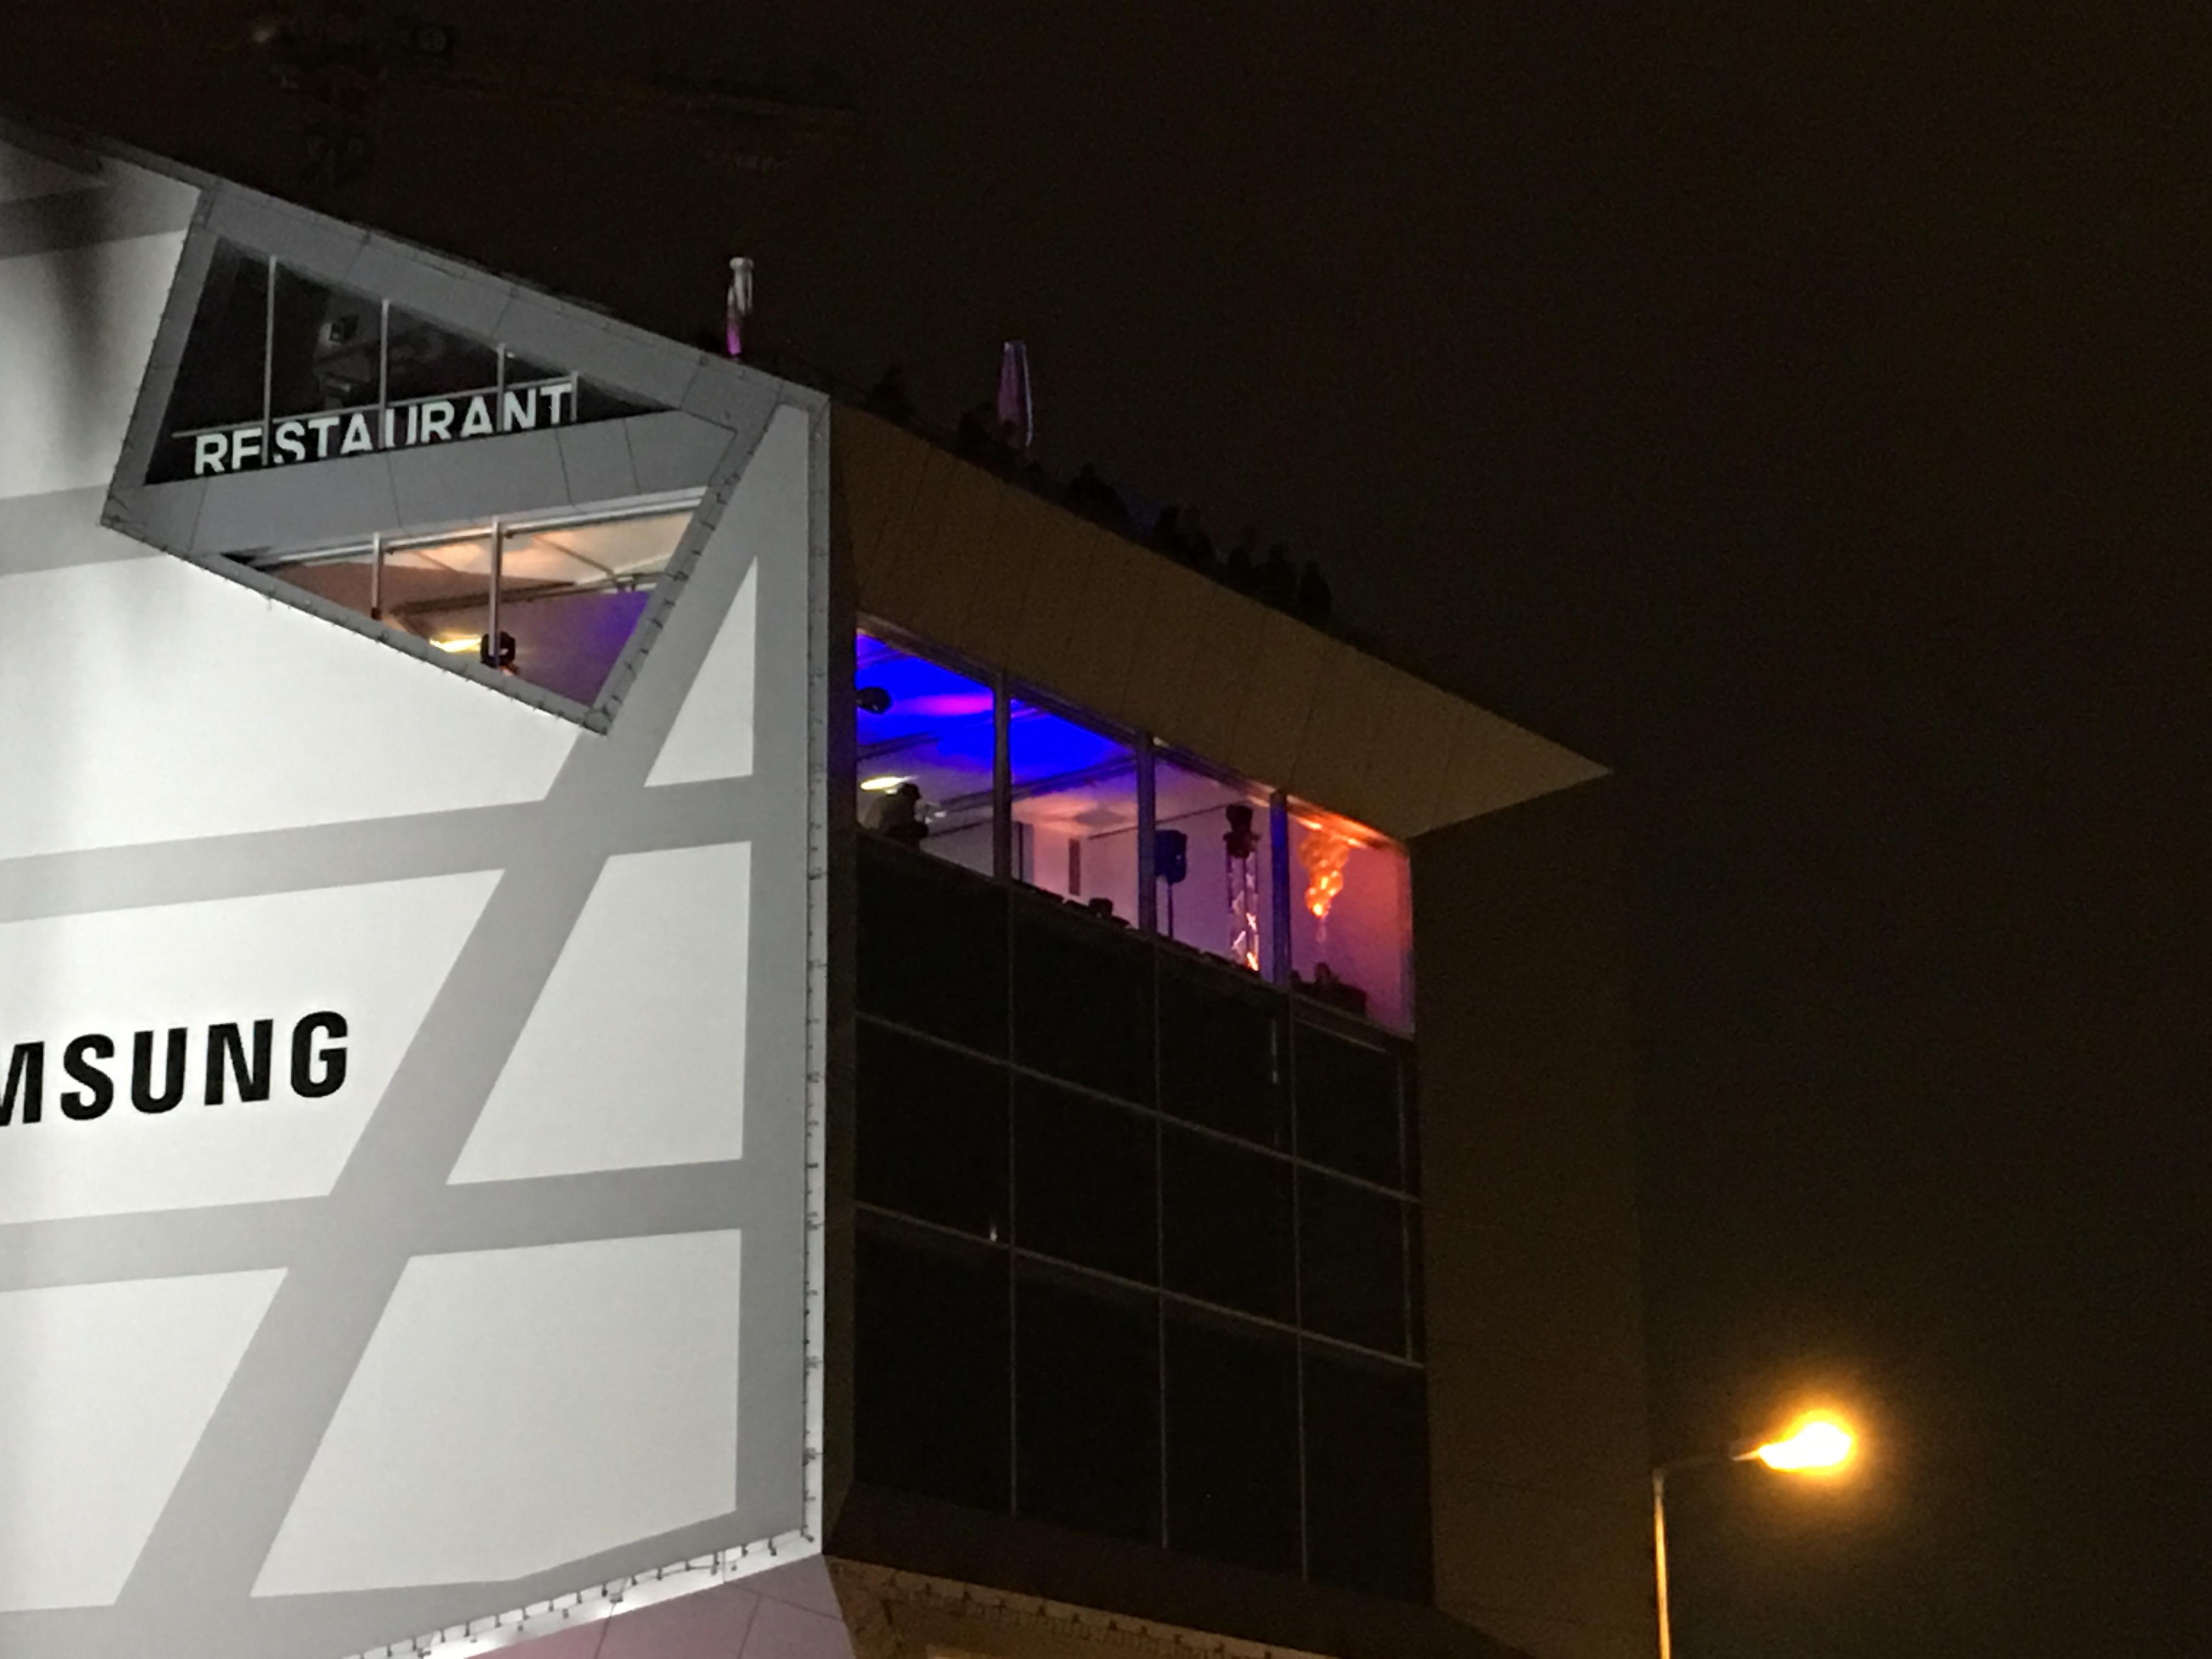 location support in Berlin Veranstaltungstechnik